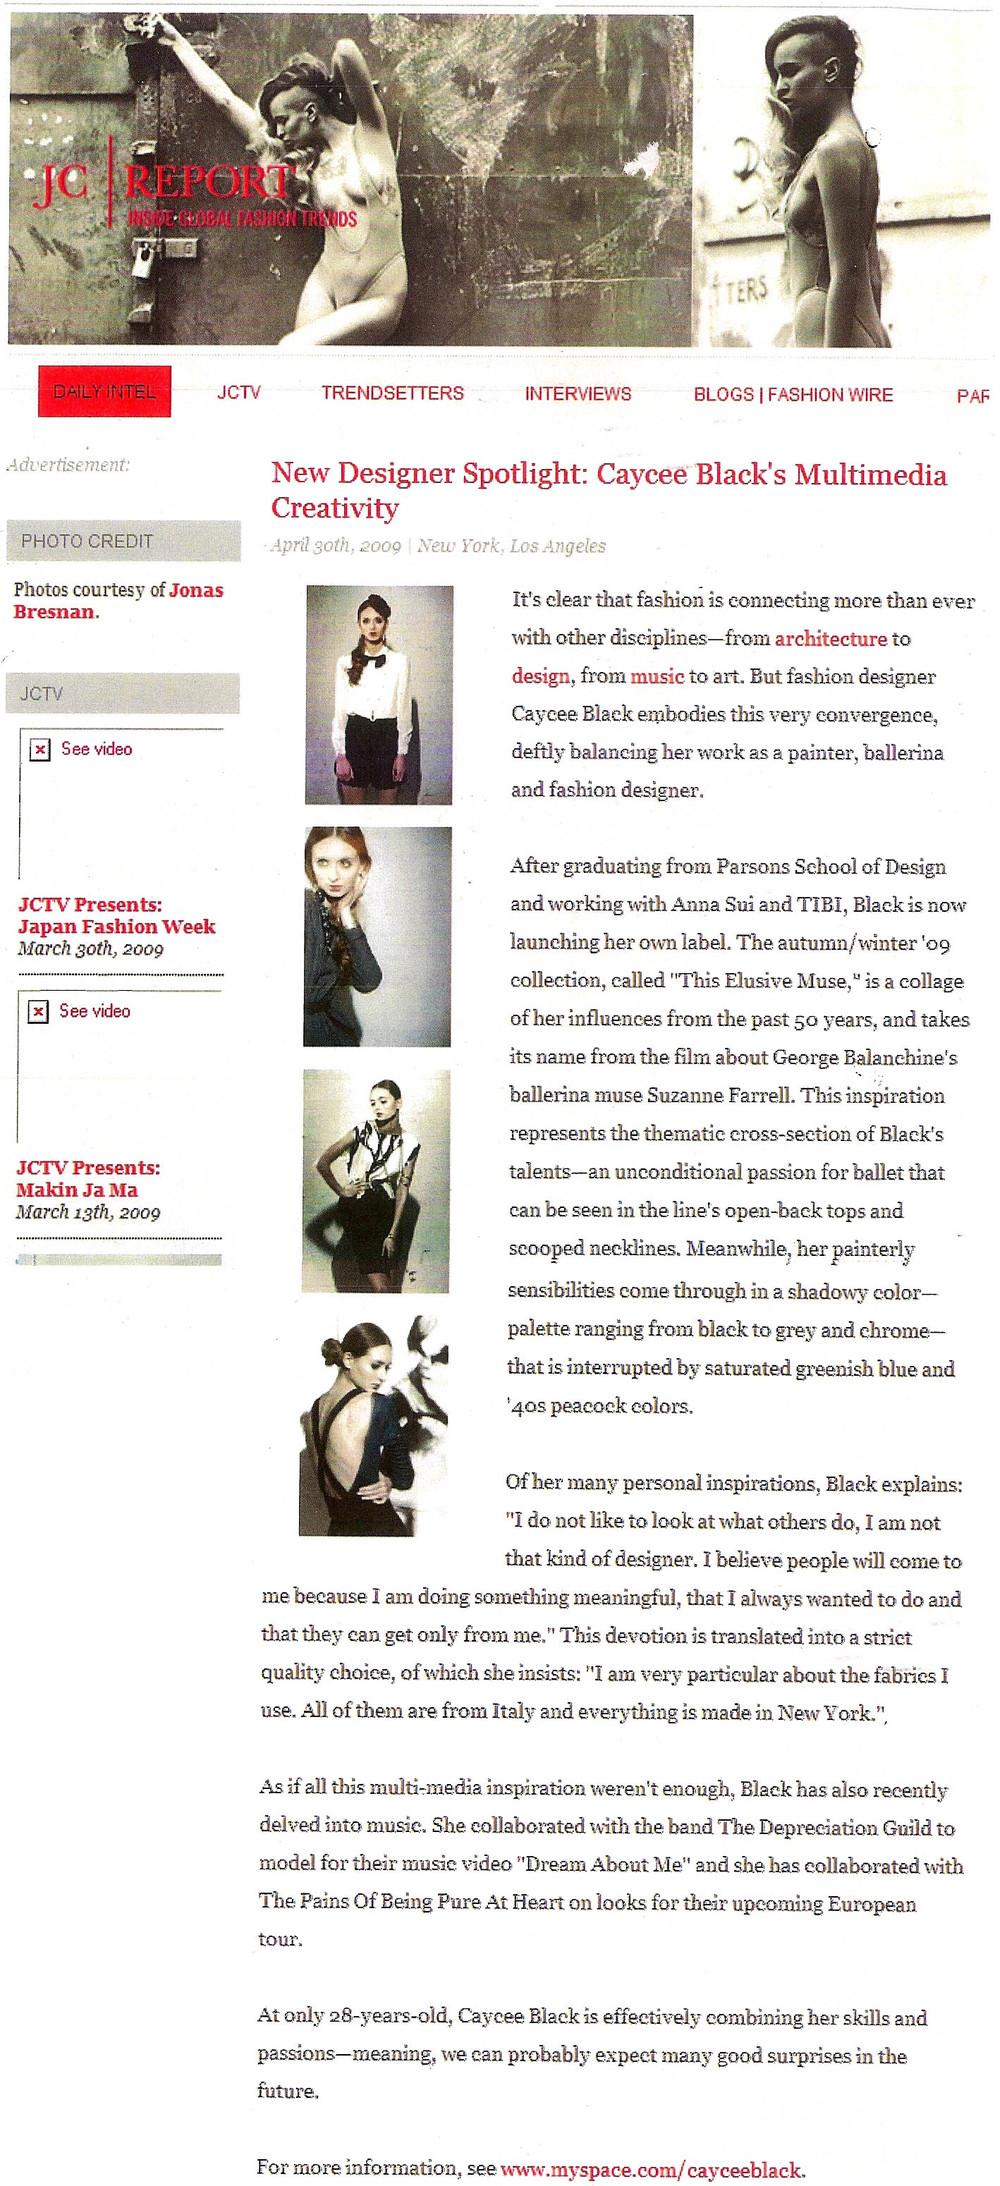 New Designer Spotlight - Caycee Black